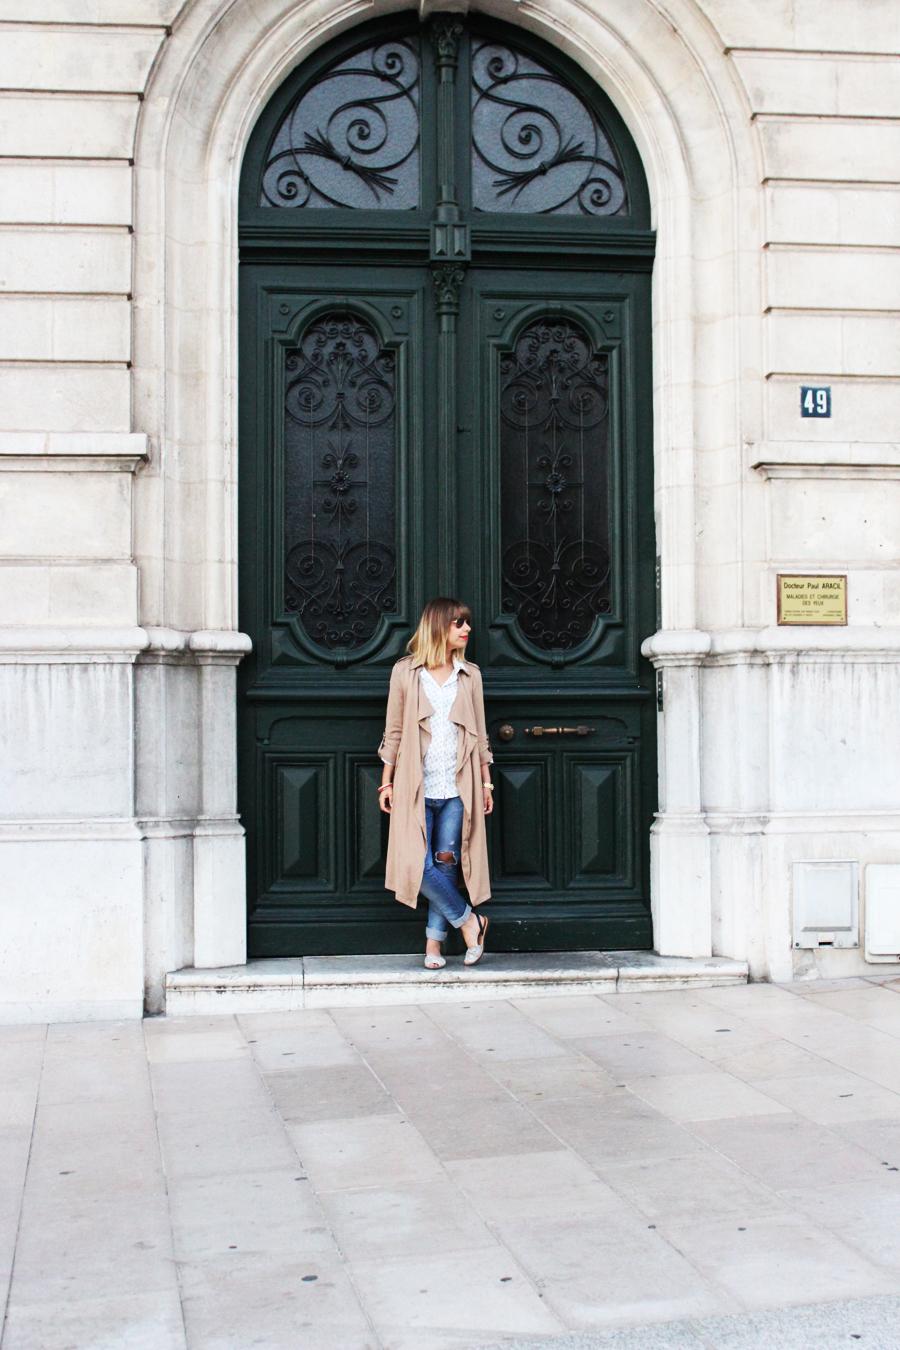 architecteur valence blog